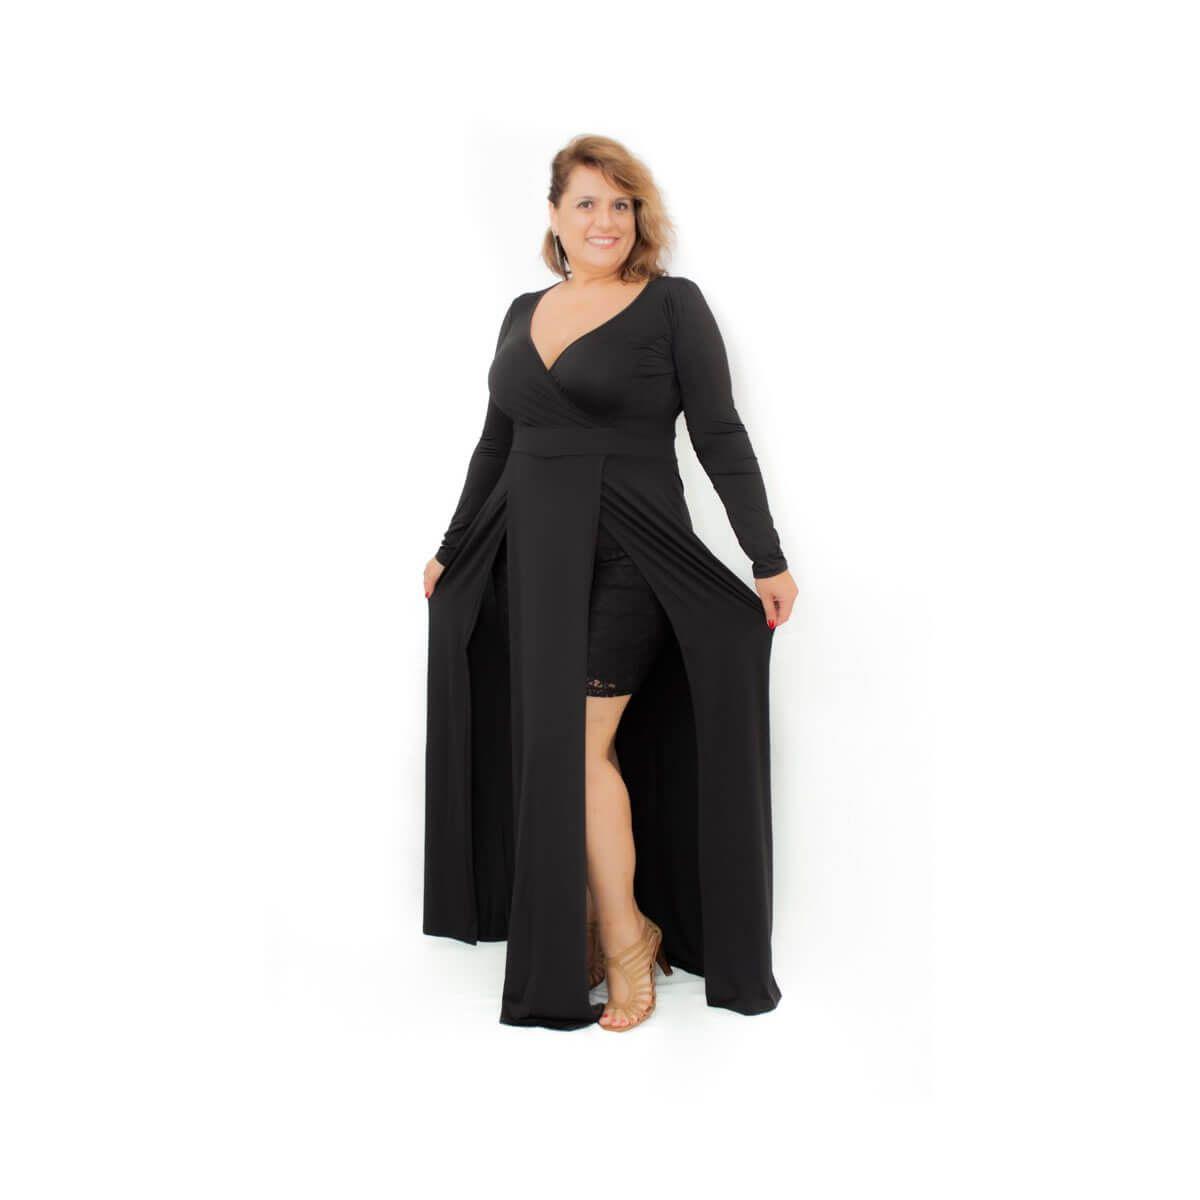 Vestido Longo Plus Size Preto Bia Peca